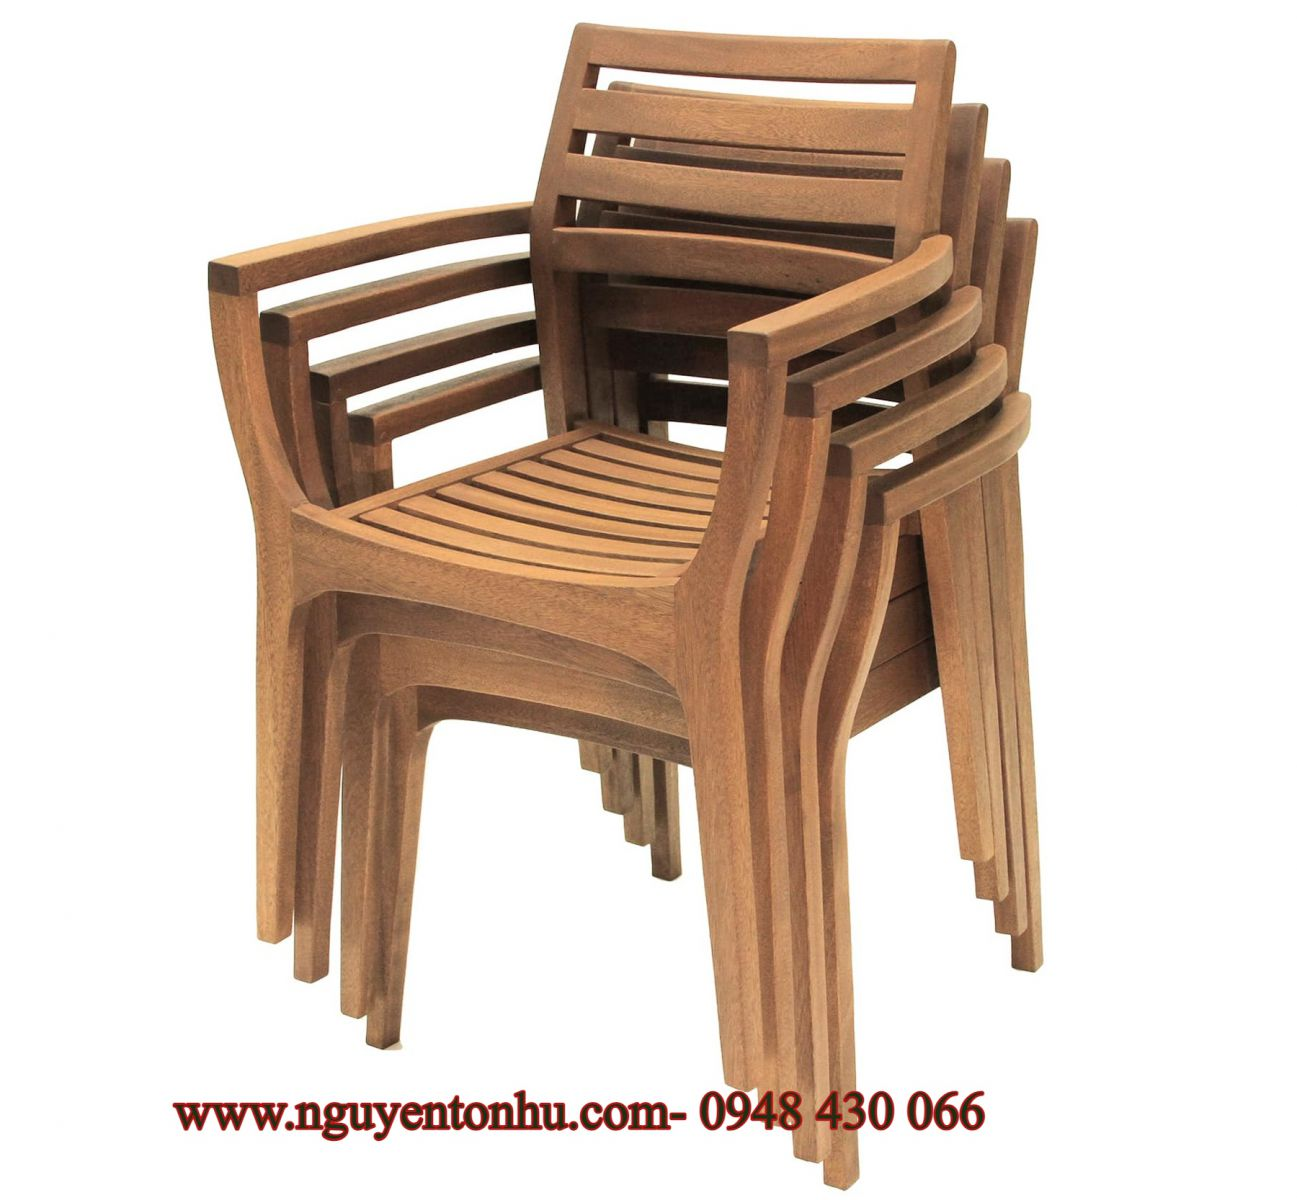 bàn ghế gỗ ngoài trời thanh lý,